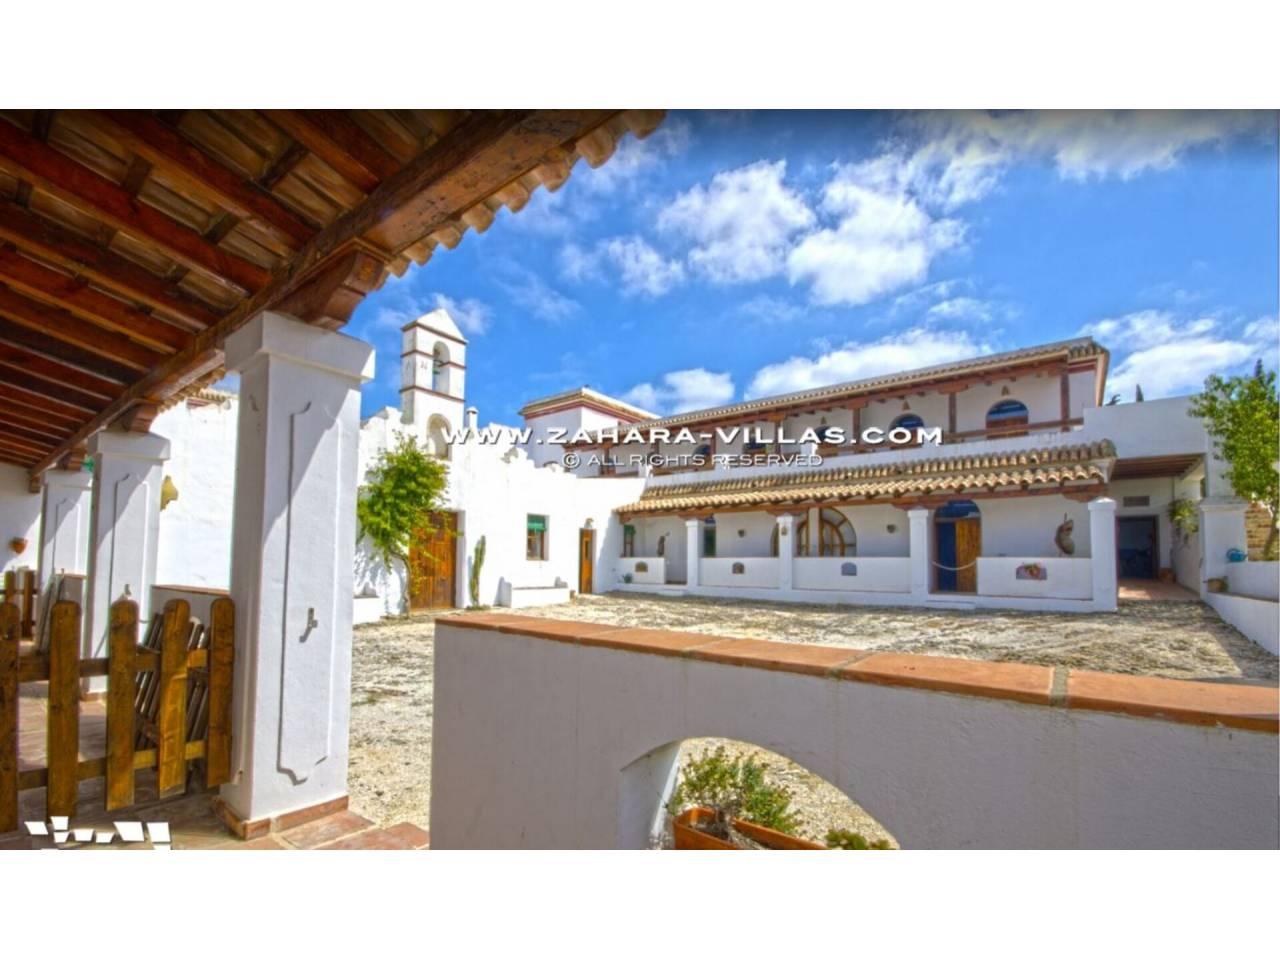 Imagen 7 de Rural Hotel en San Ambrosio, Barbate